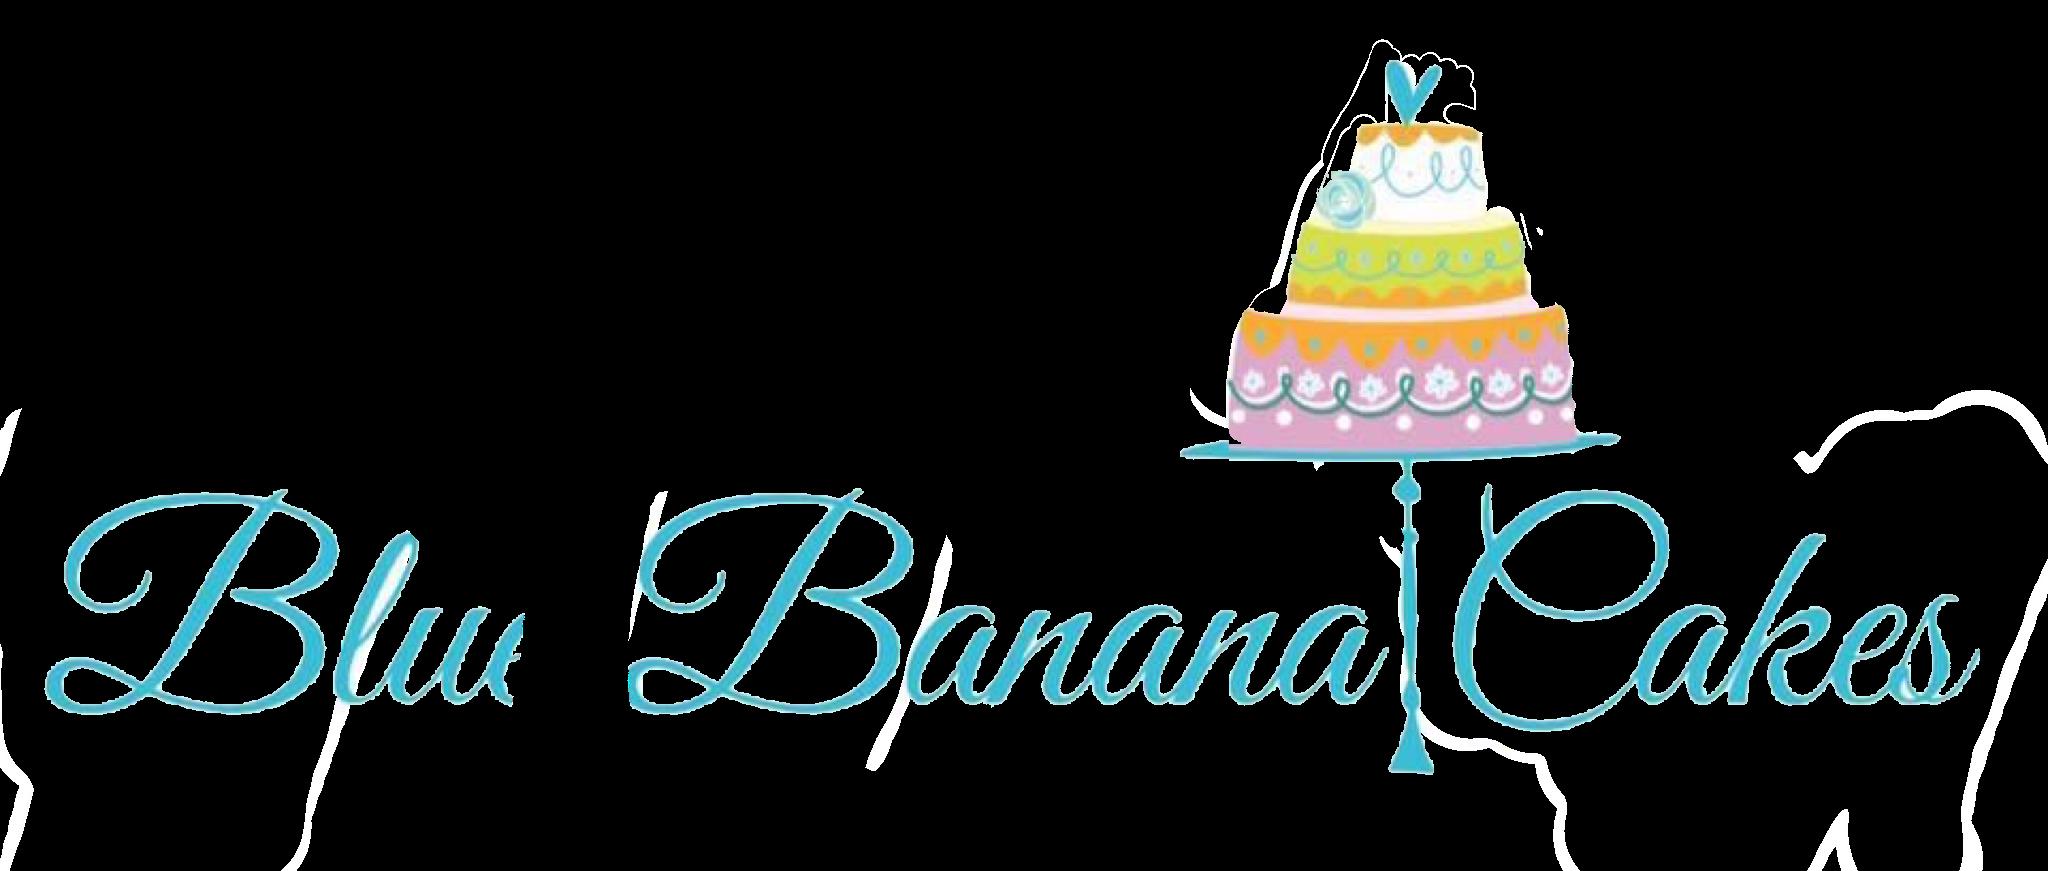 Blue Banana Cakes